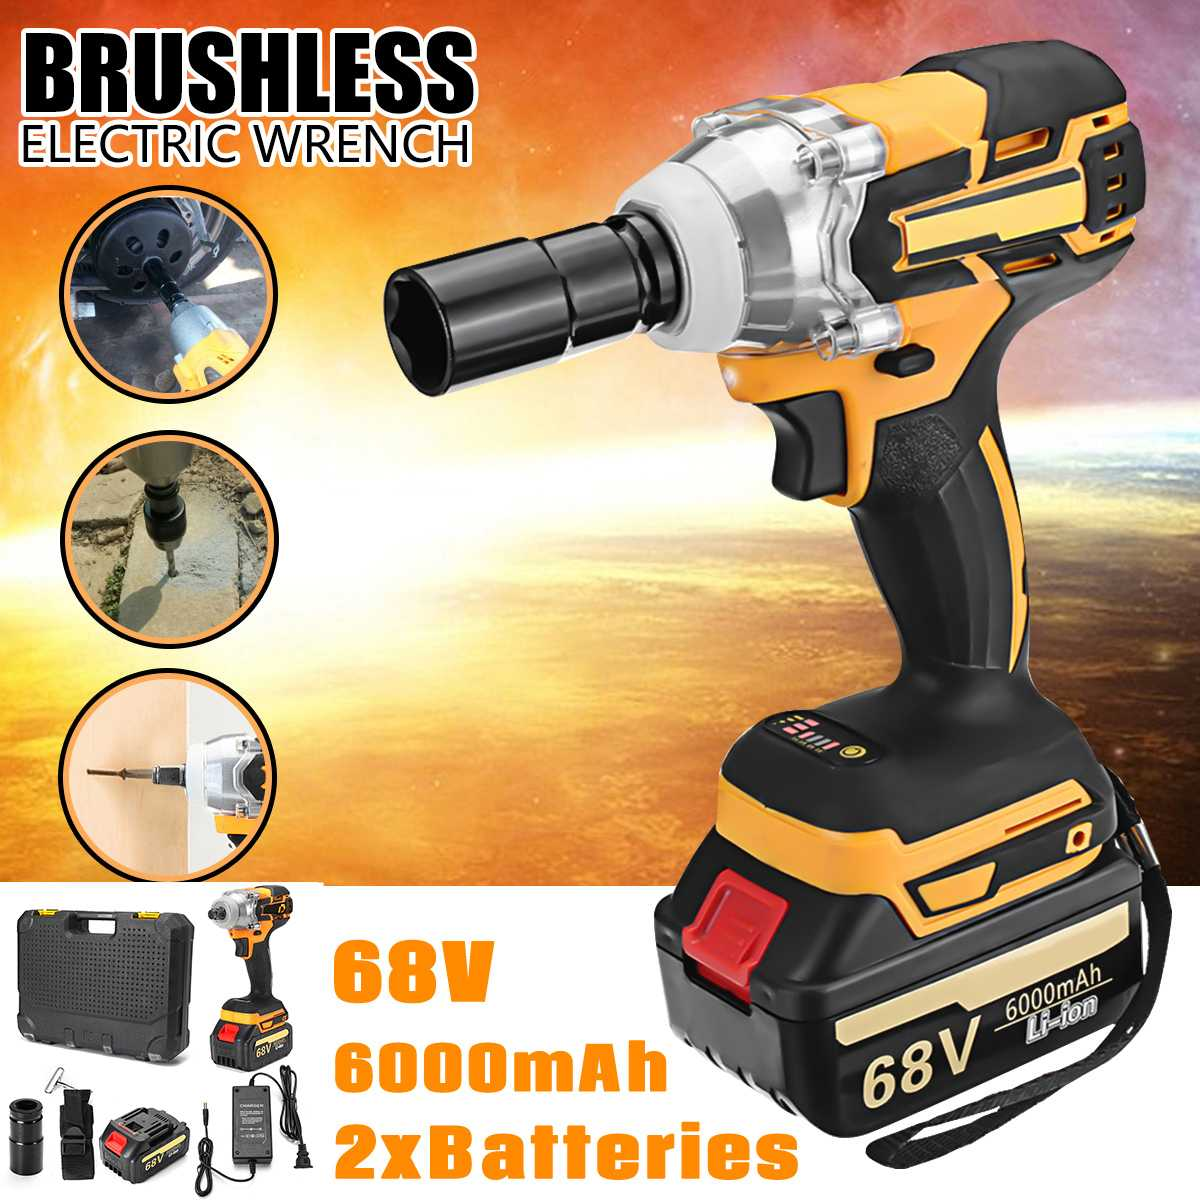 380 n.m chave elétrica 68 v 6000 mah 2 baterias sem escova sem fio movimentação mão broca soquete do carro chave de impacto elétrica